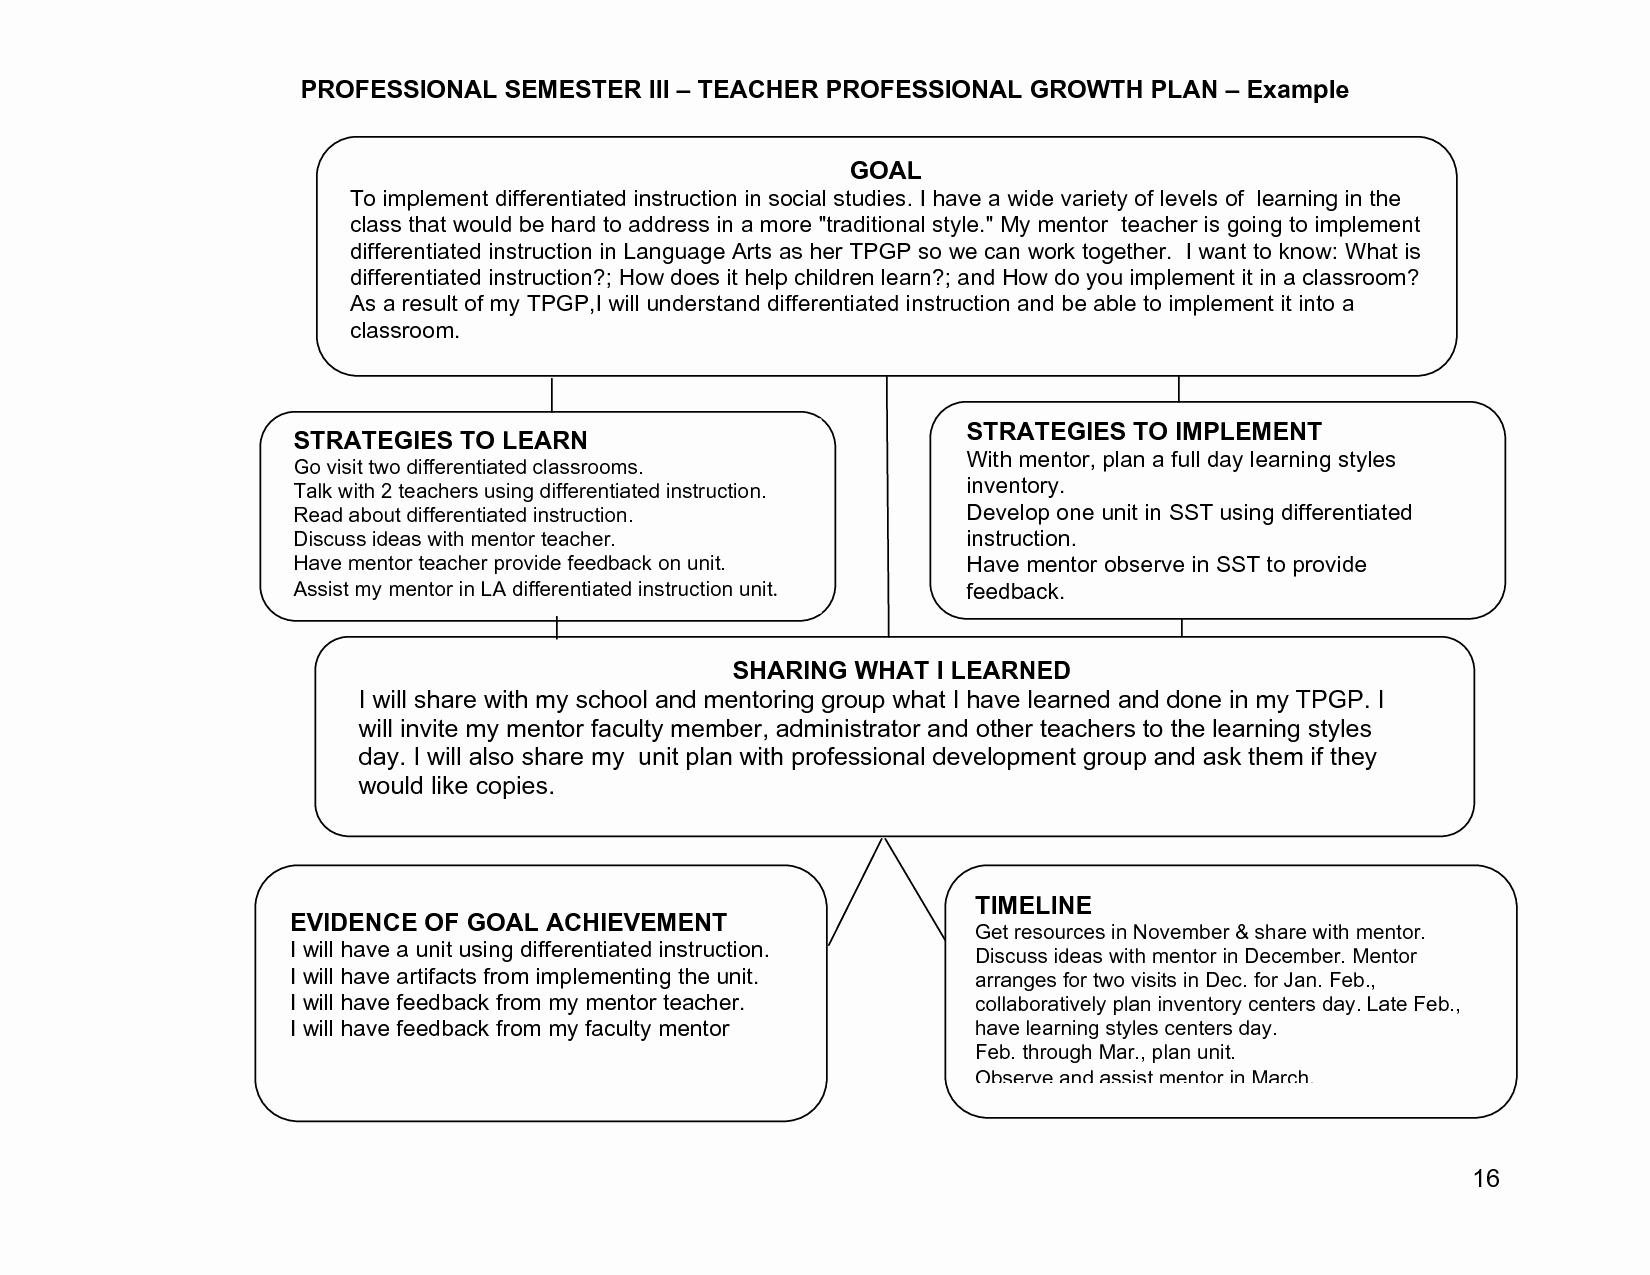 Professional Development Plan Sample for Teachers Lovely Learning Plans or Goals for Teachers